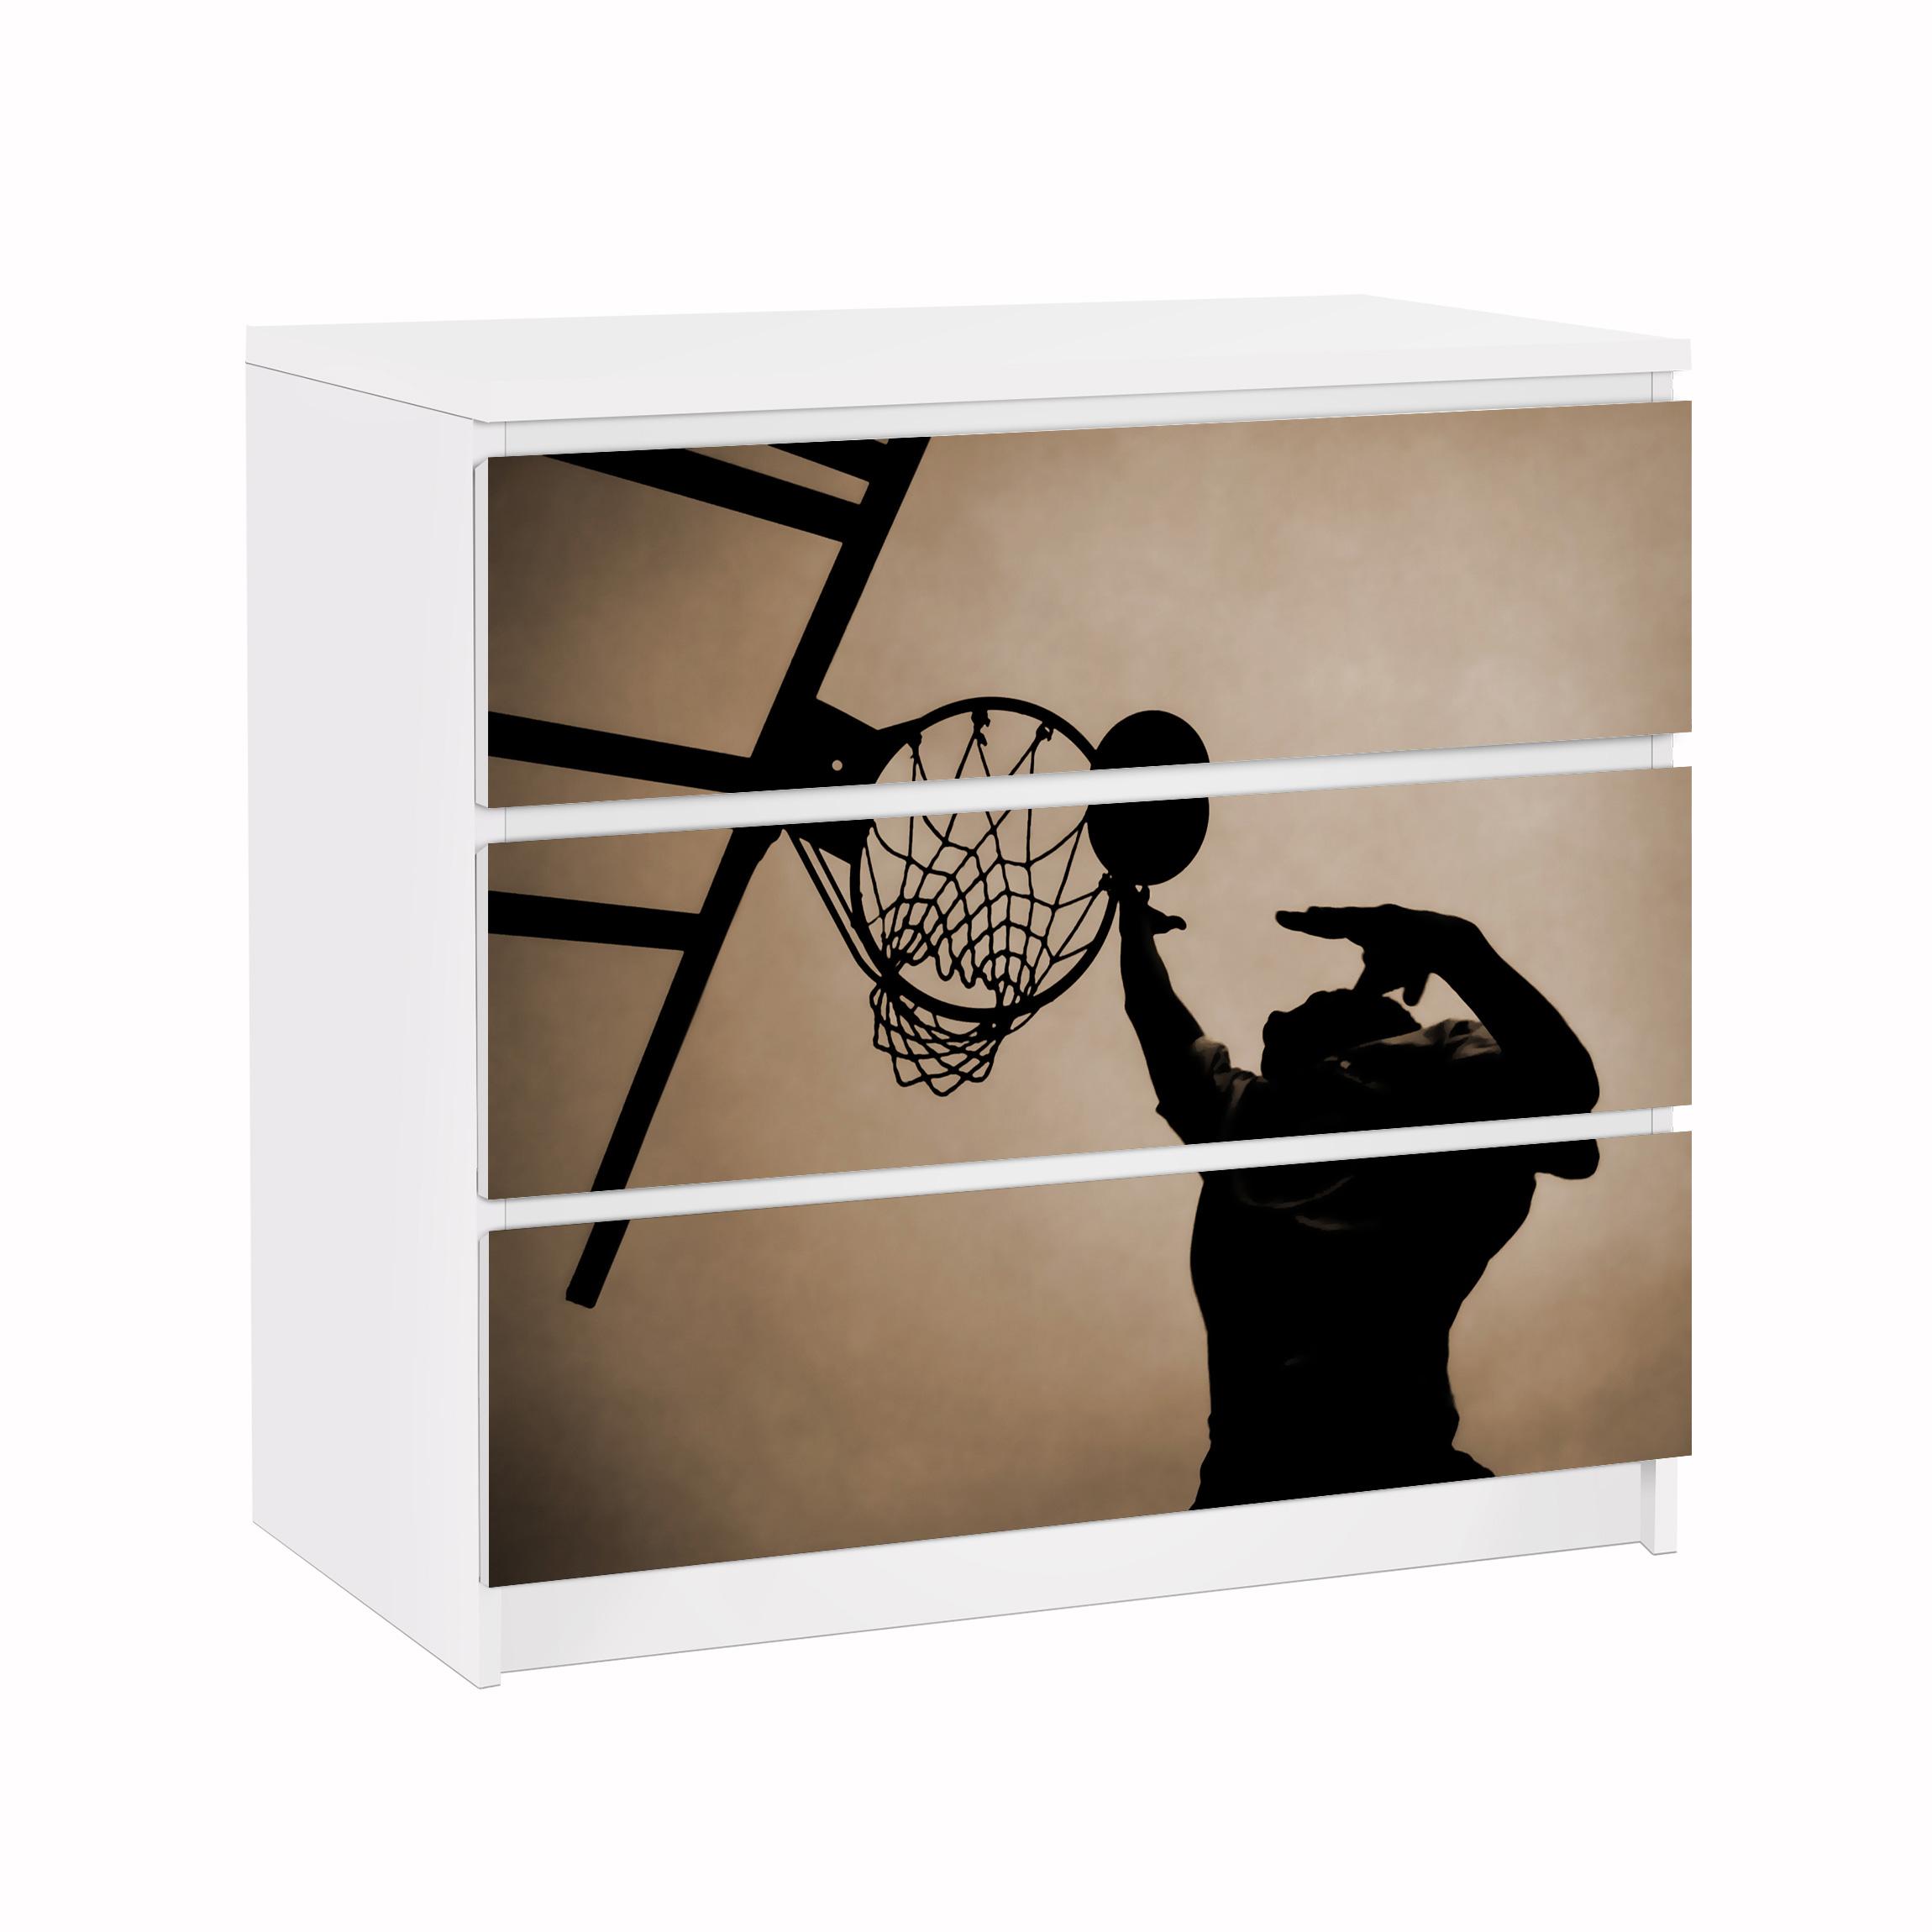 Full Size of Mbelfolie Ikea Kommode Selbstklebefolie Design Basketball Küche Kaufen Miniküche Kosten Betten 160x200 Bei Modulküche Sofa Mit Schlaffunktion Wohnzimmer Küchenrückwände Ikea